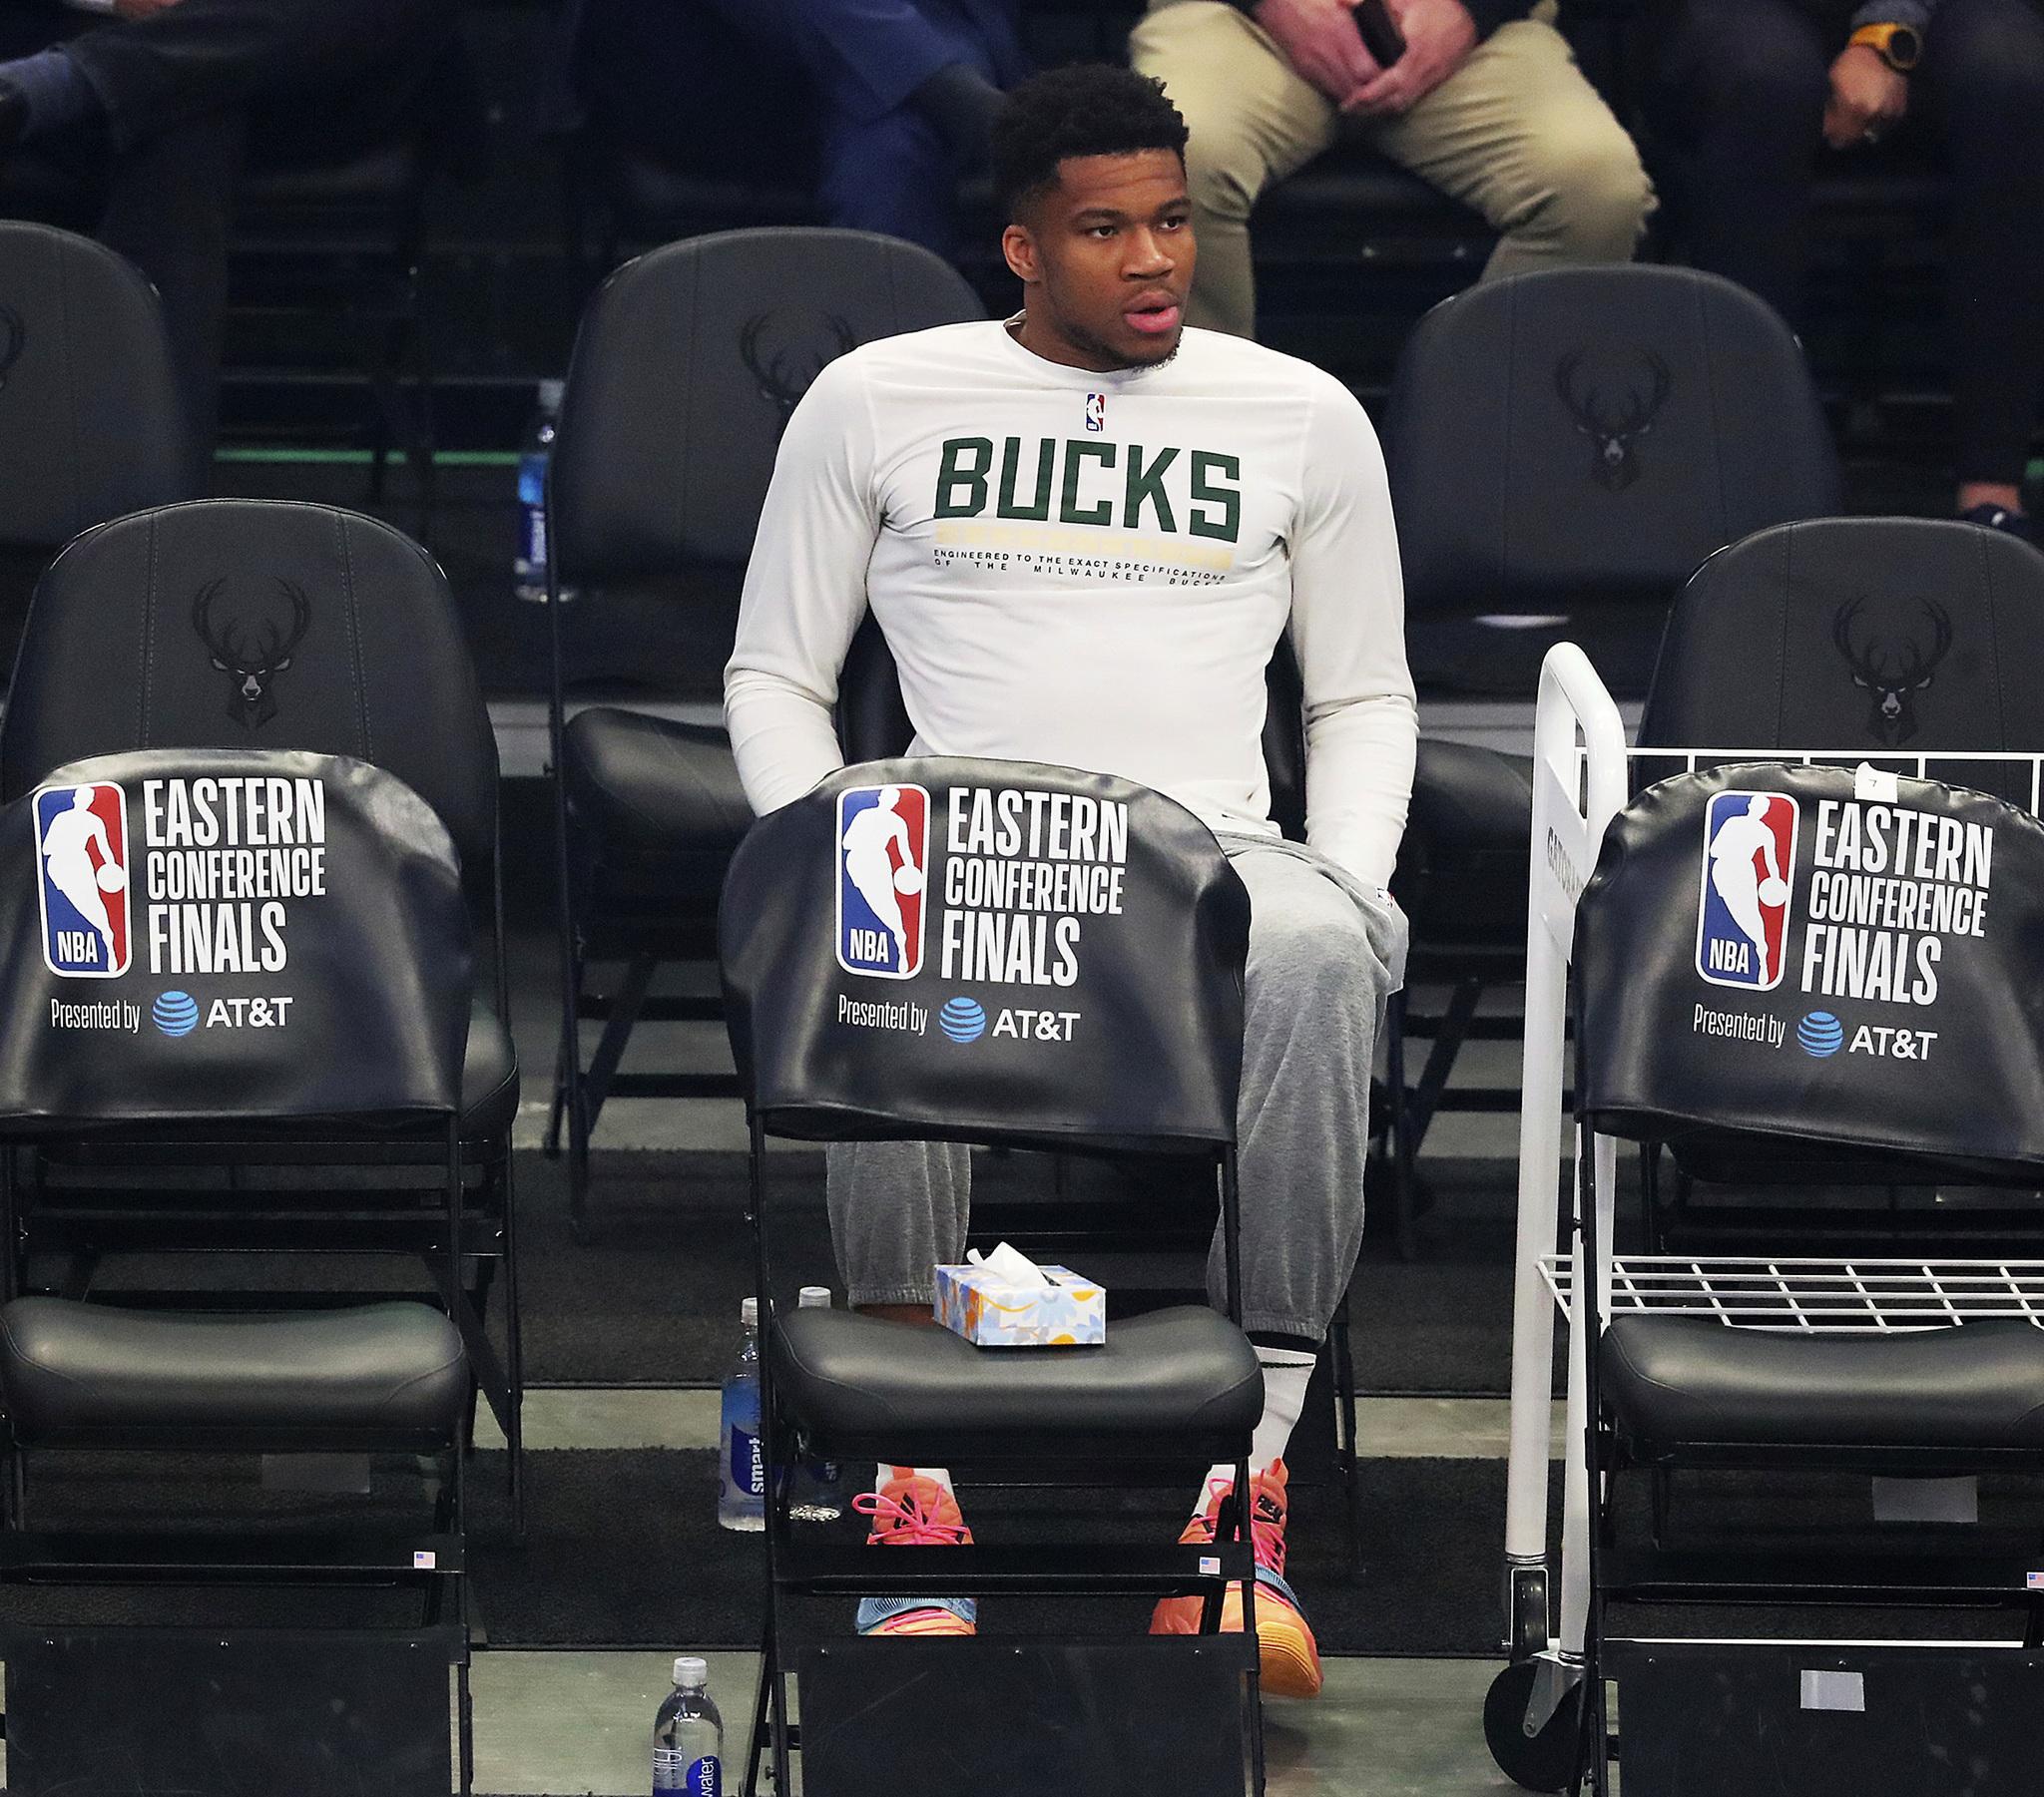 Injured Milwaukee Bucks forward Giannis Antetokounmpo